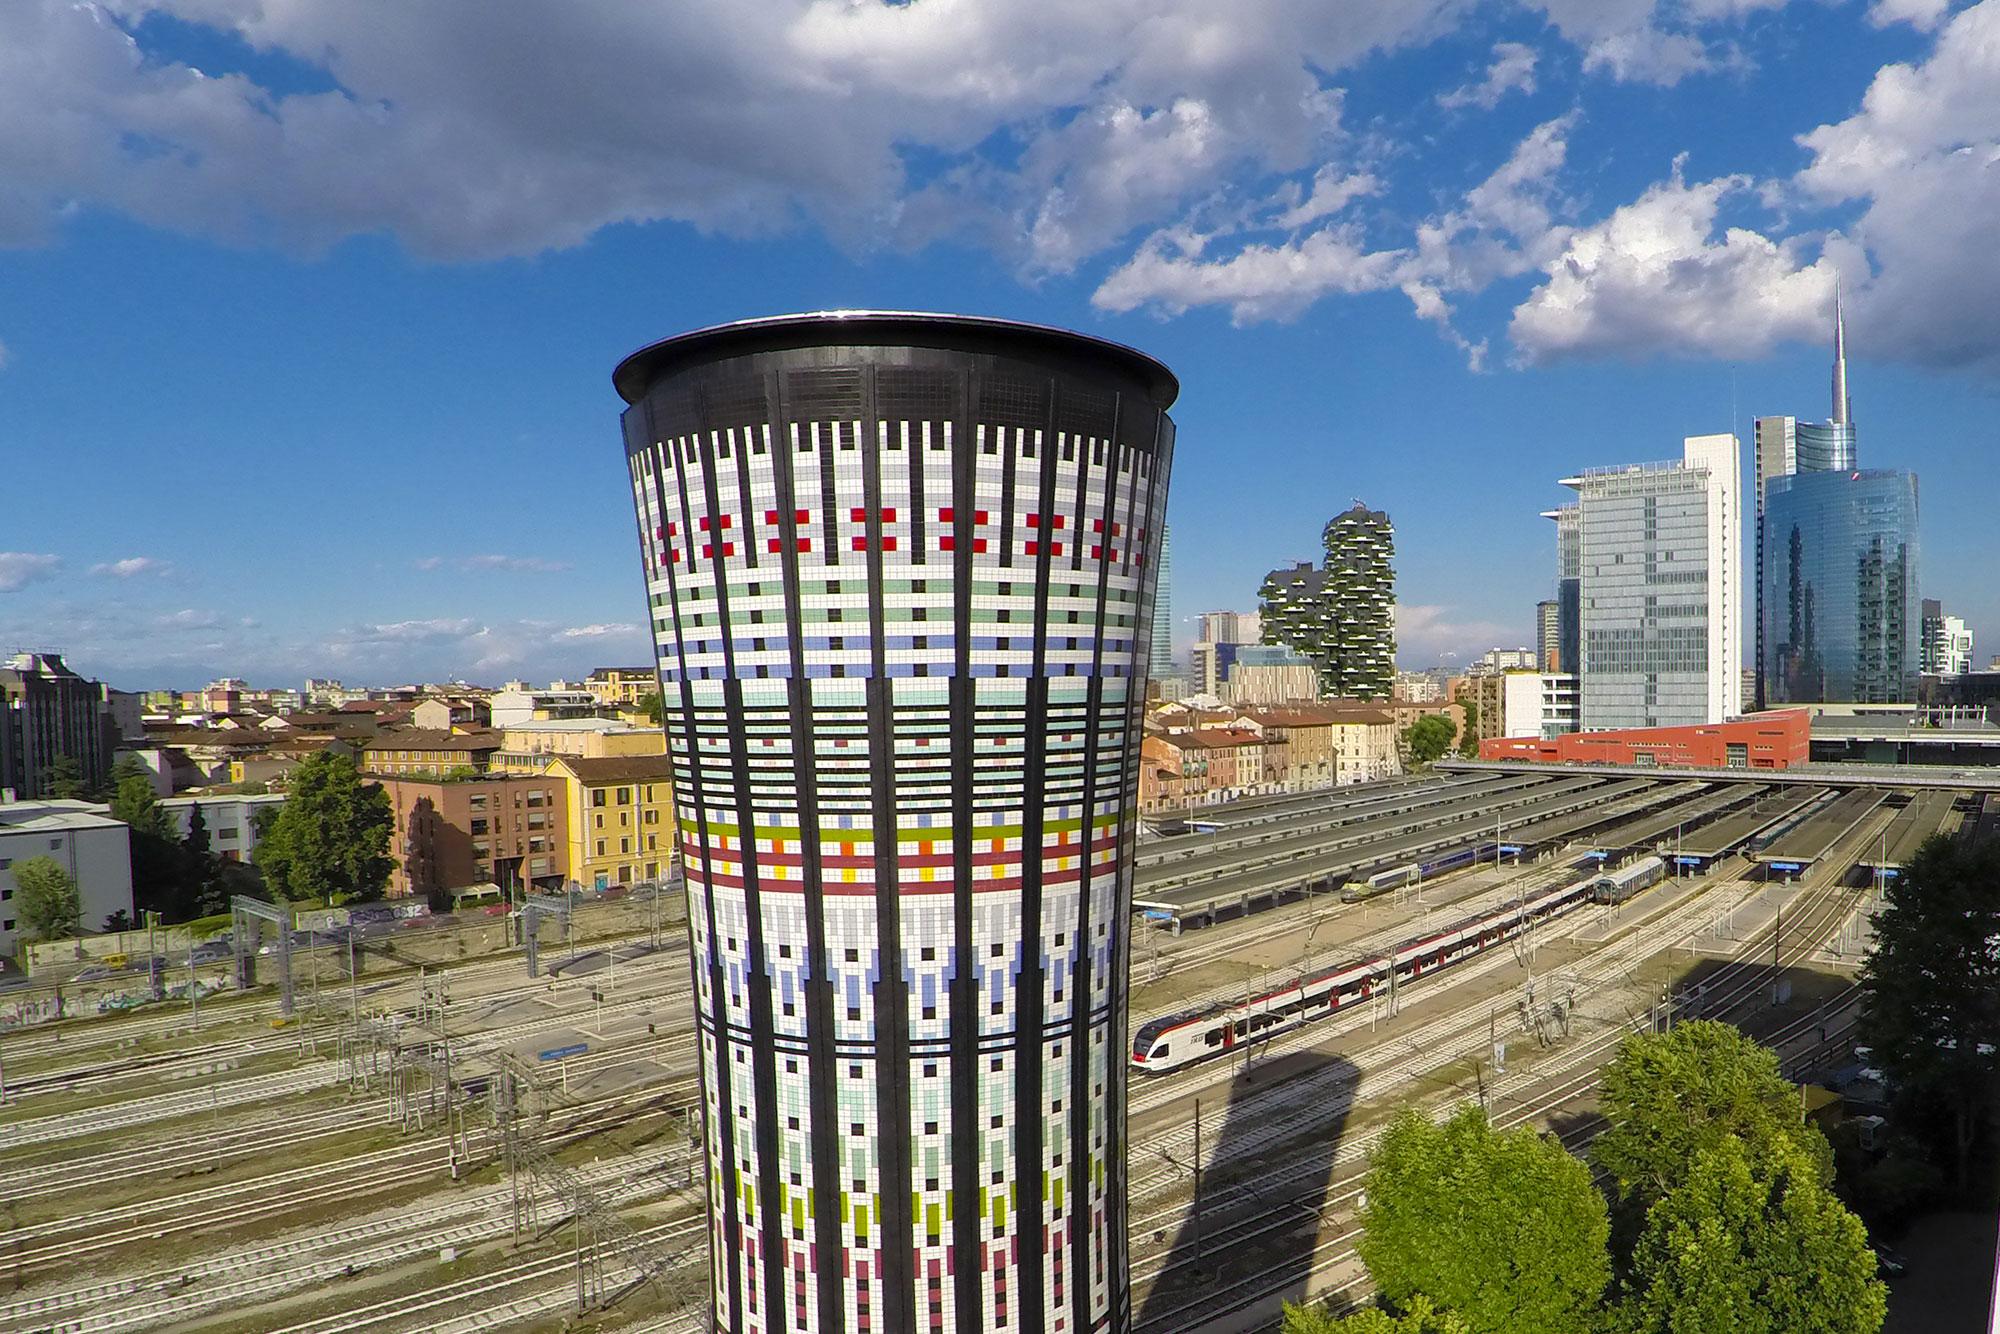 Torre arcobaleno marazzi - Stazione porta garibaldi indirizzo ...